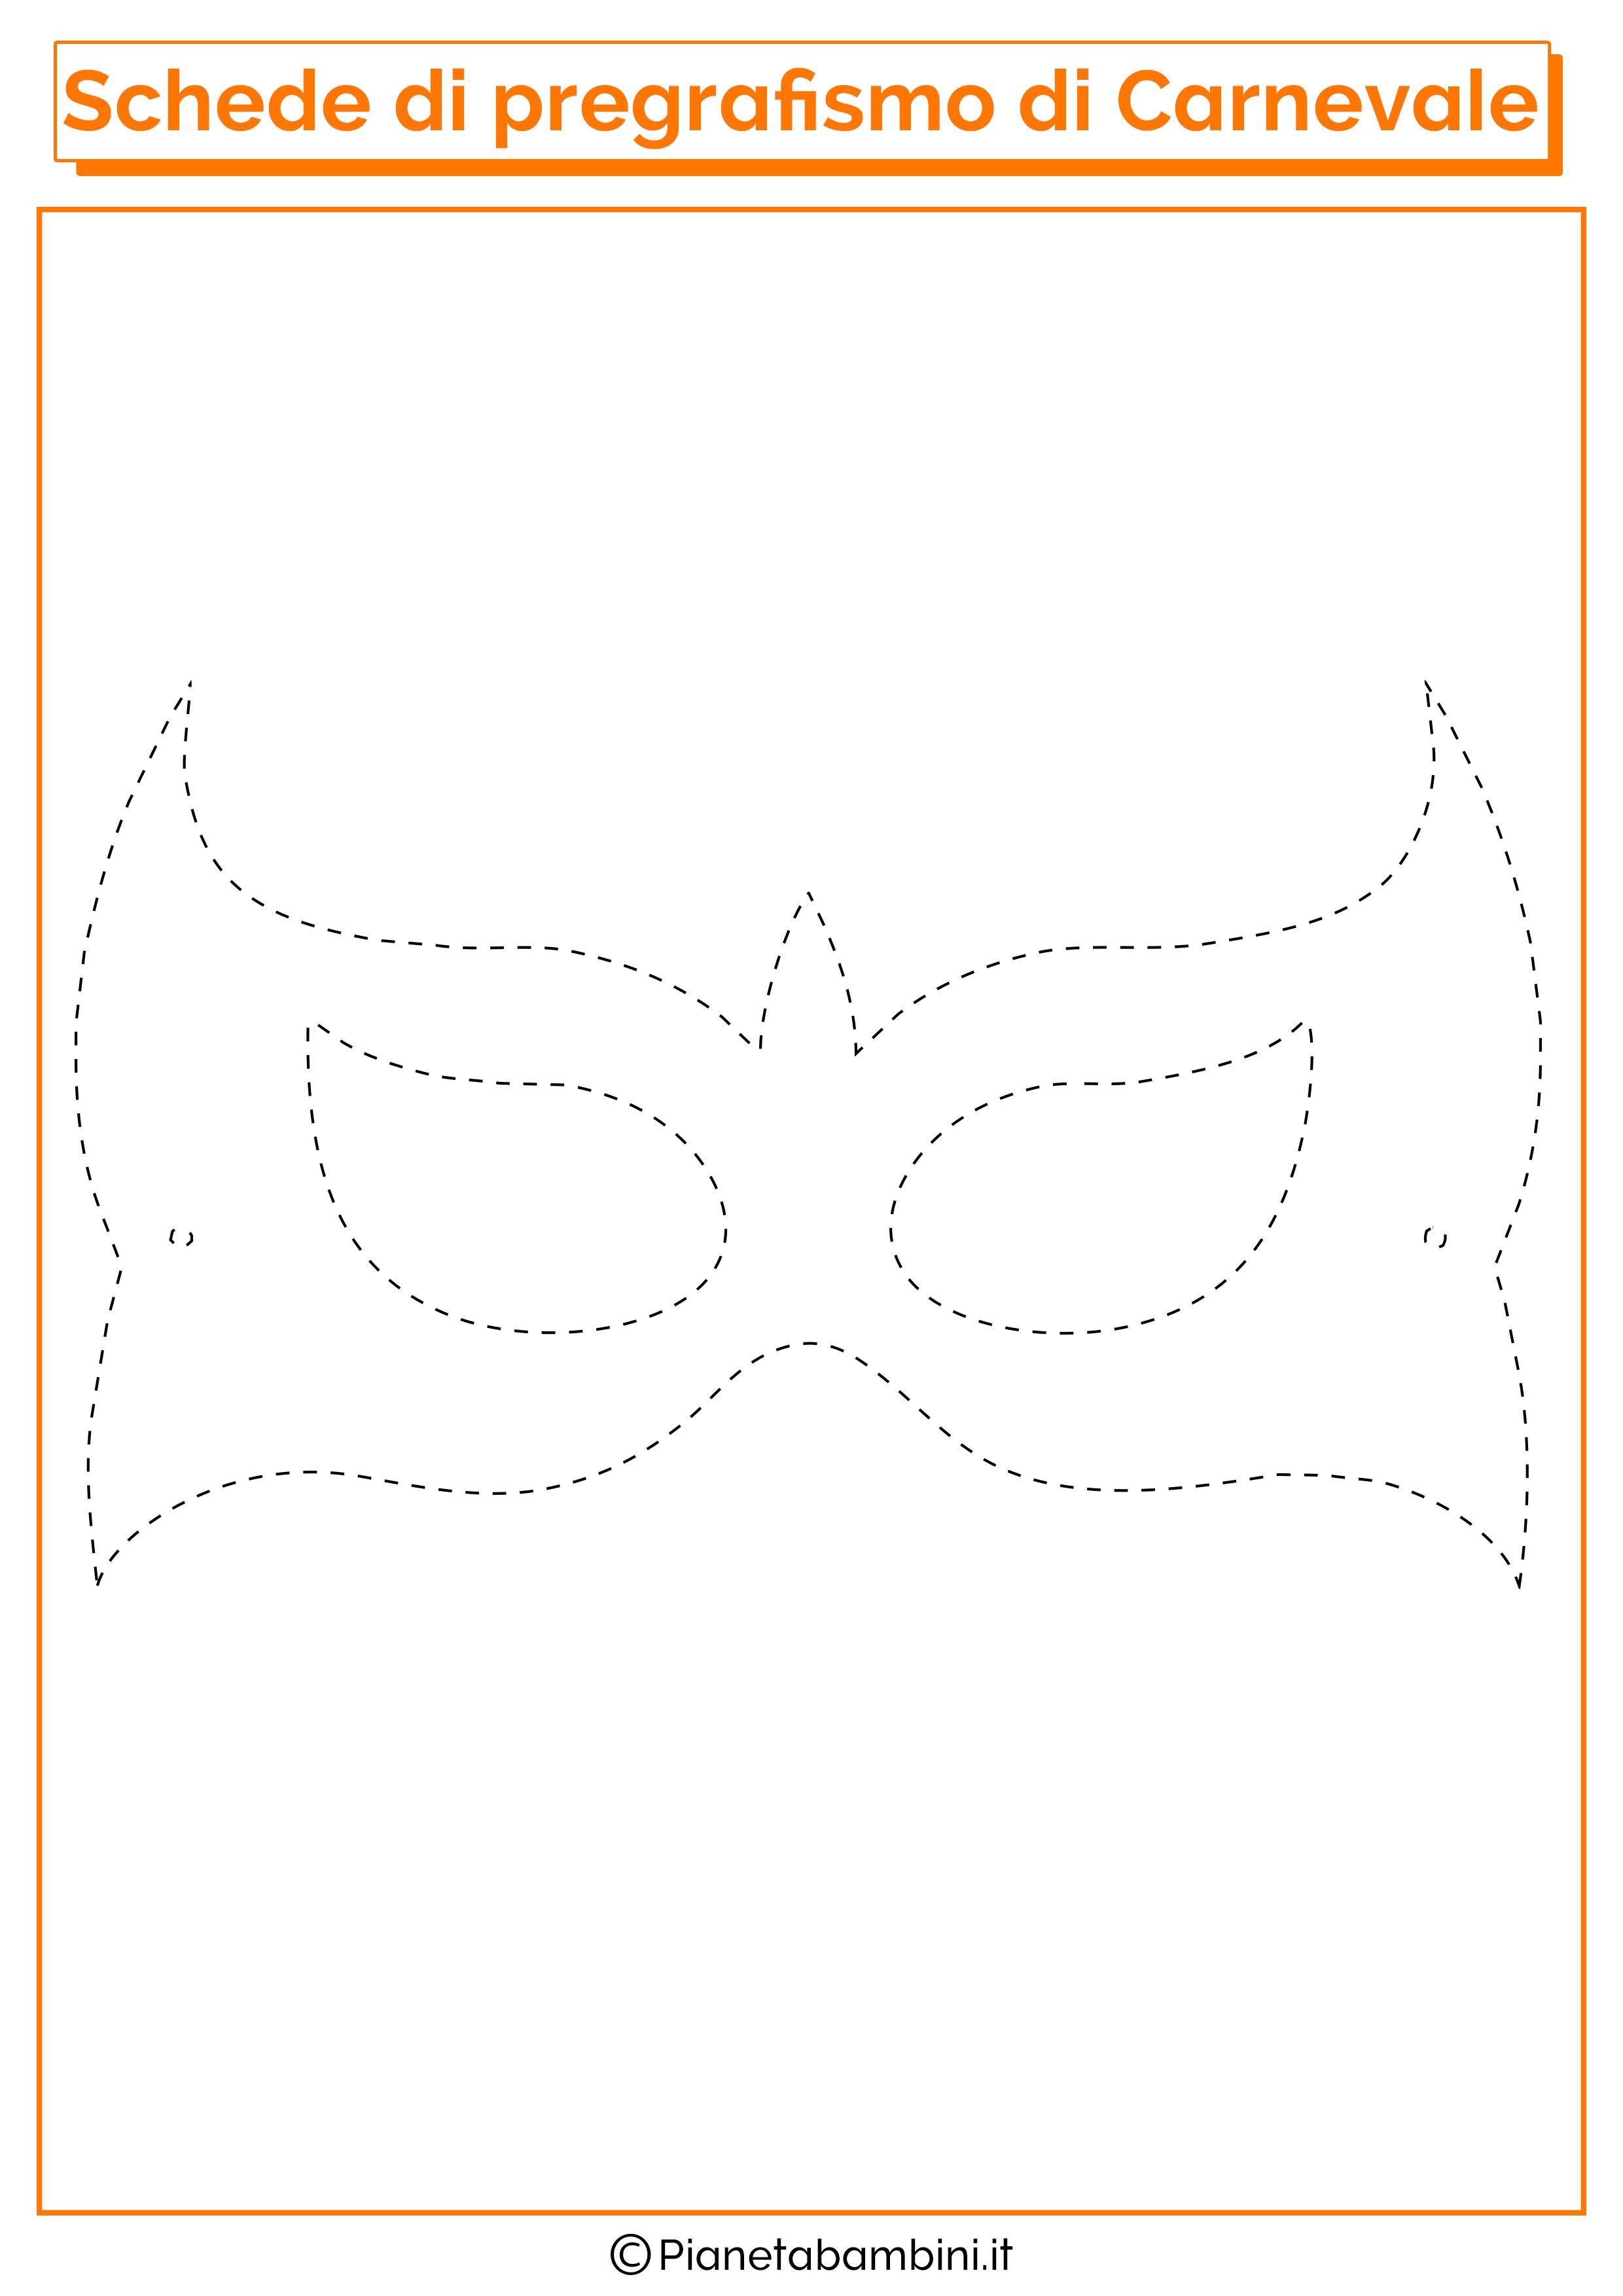 Scheda di pregrafismo sulla maschera